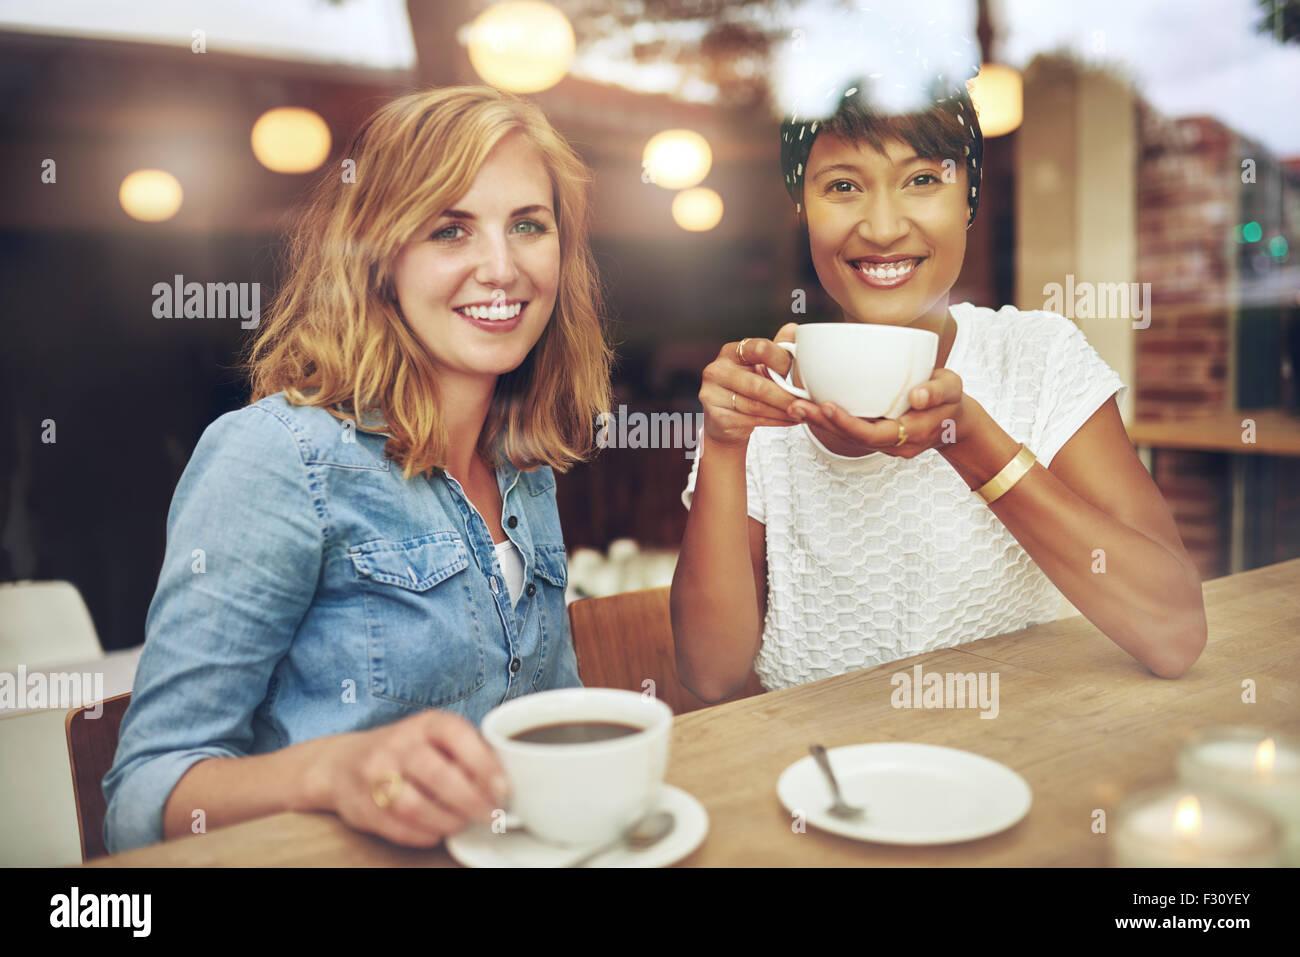 Attraente giovane multi etnico amici femmina seduti insieme godendo di caffè a una tabella in un coffee shop Immagini Stock